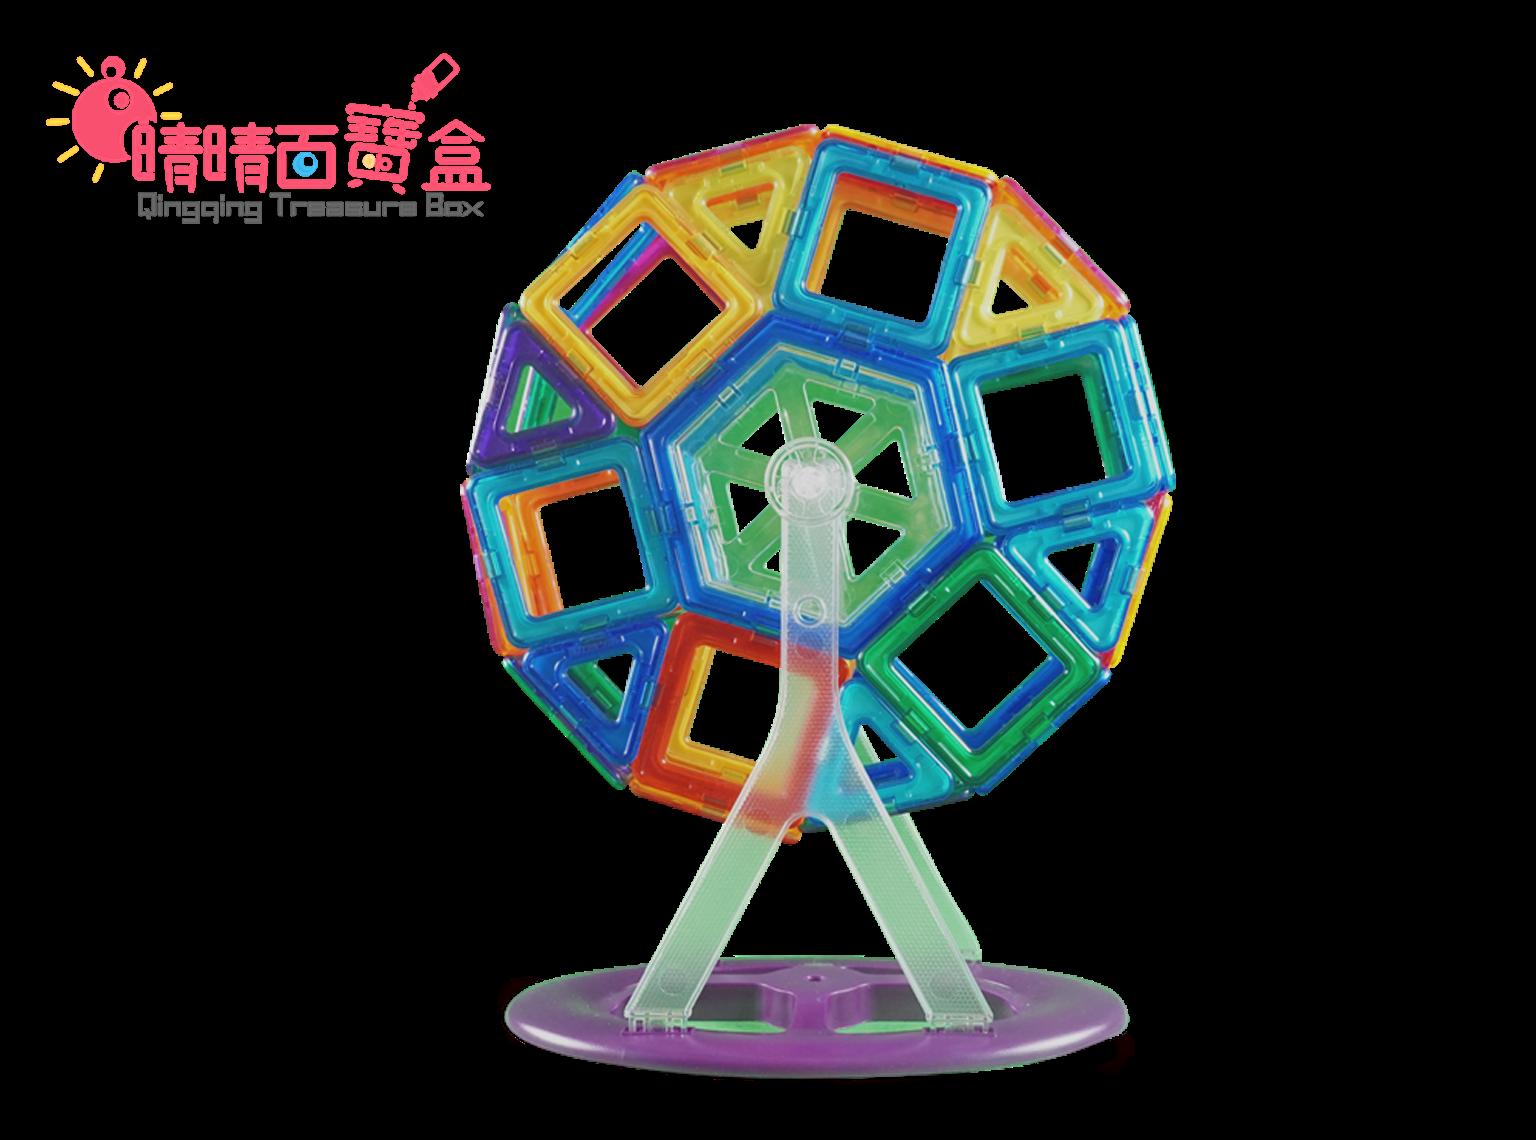 【晴晴百寶盒】磁力片100件MAG-WISDOM創意玩具益智遊戲腦力激盪遊戲P127